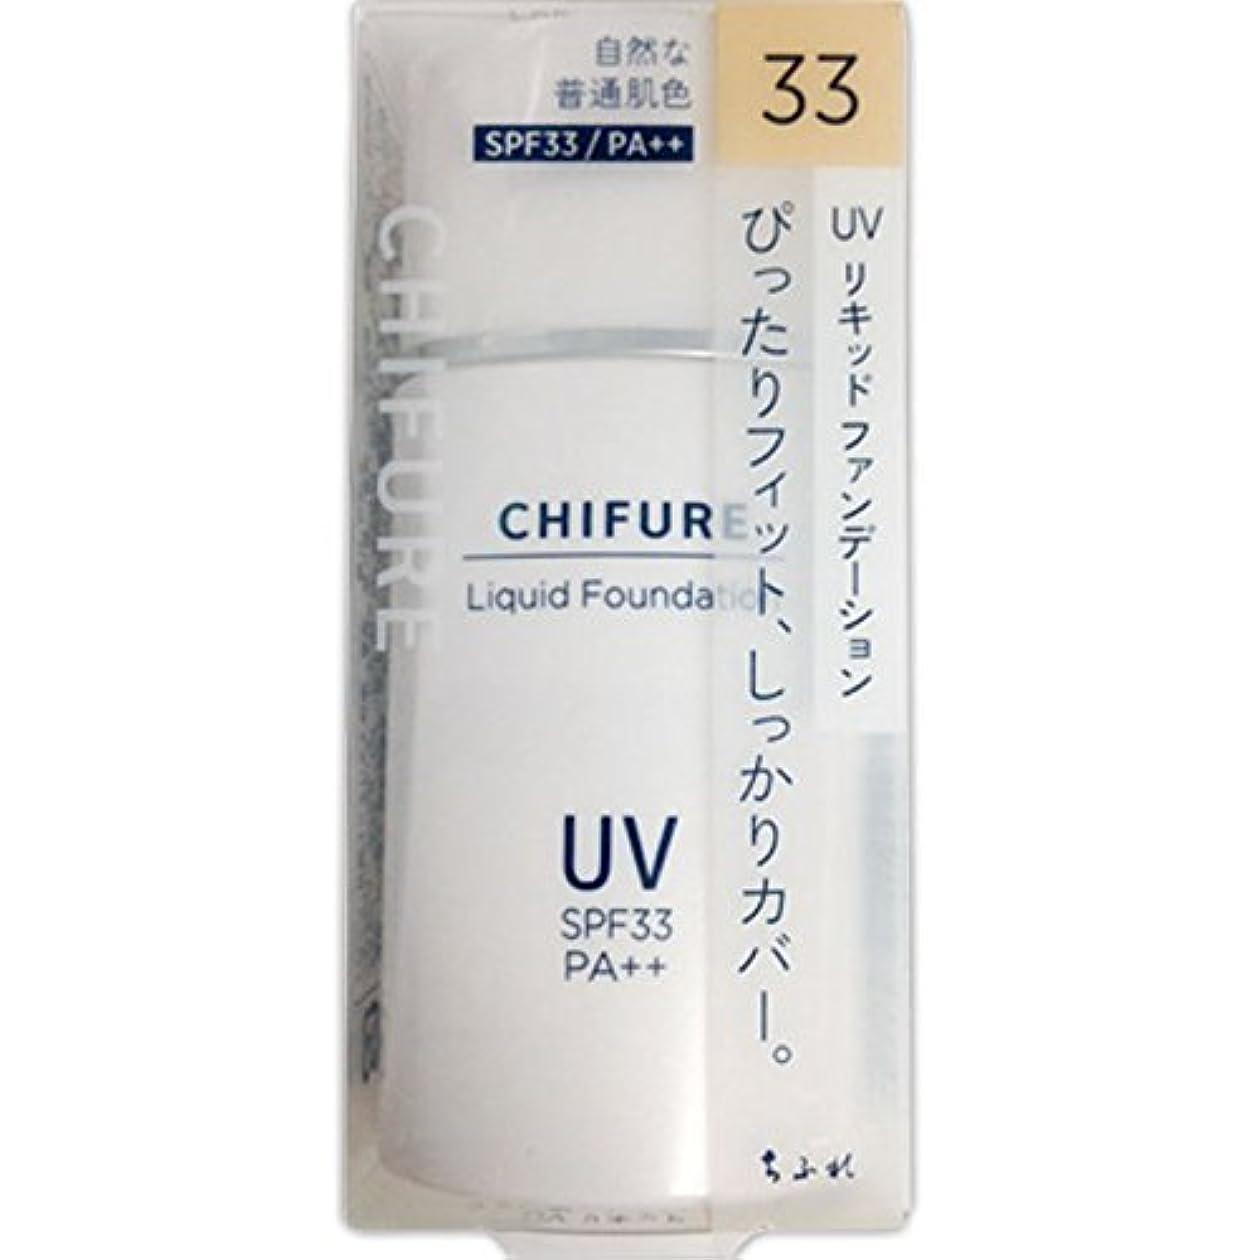 砂の振幅に対してちふれ化粧品 UV リキッド ファンデーション 33 自然な普通肌色 30ML